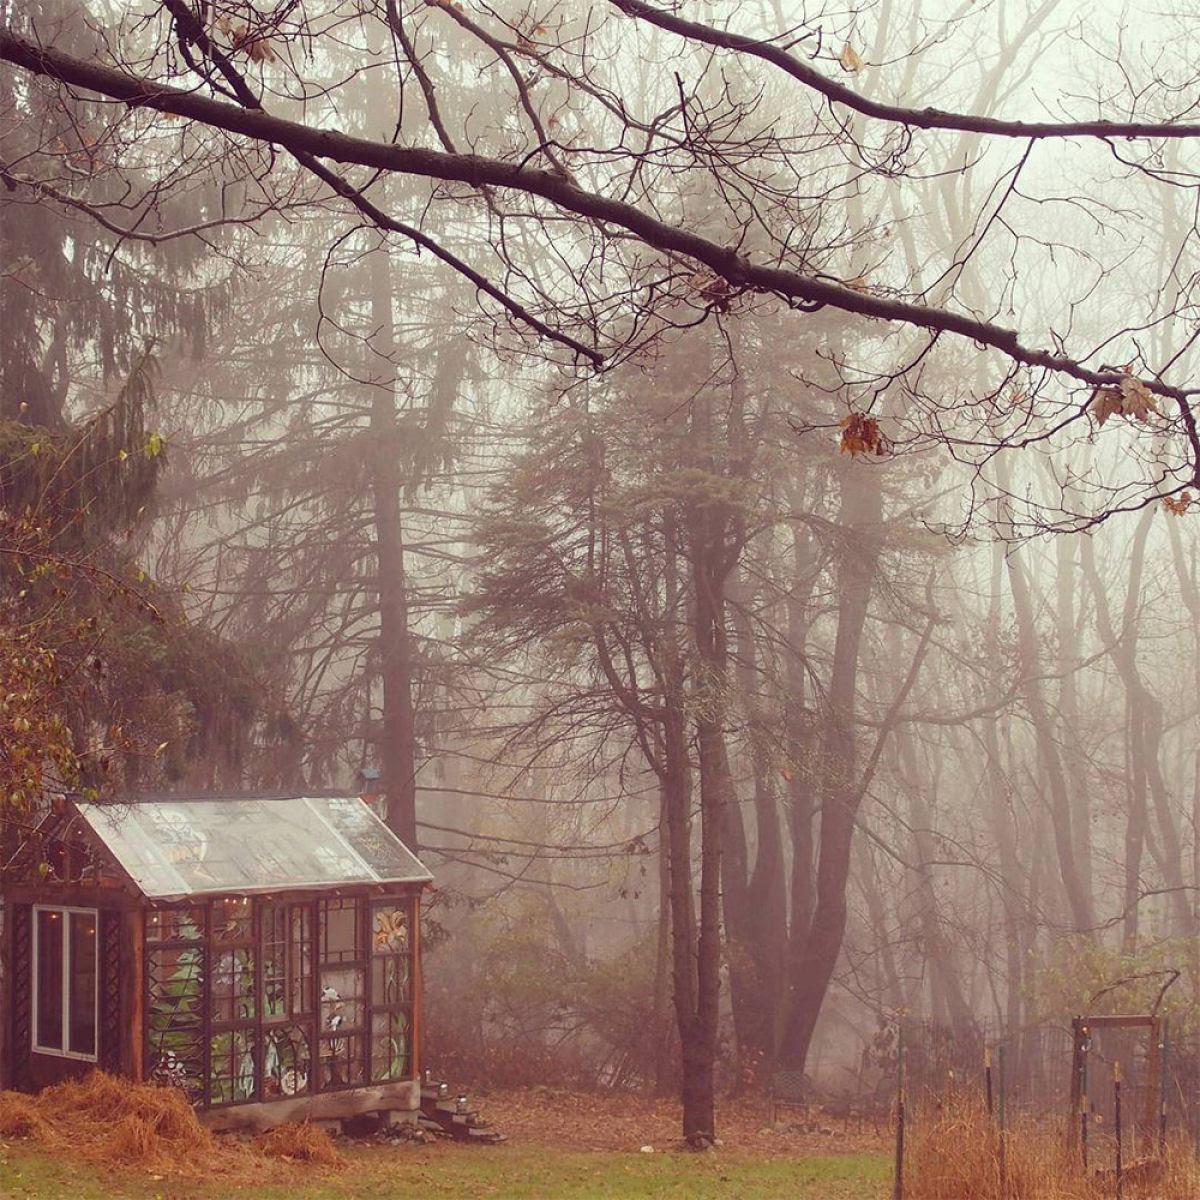 Uma cabana de vidro no meio da floresta 09